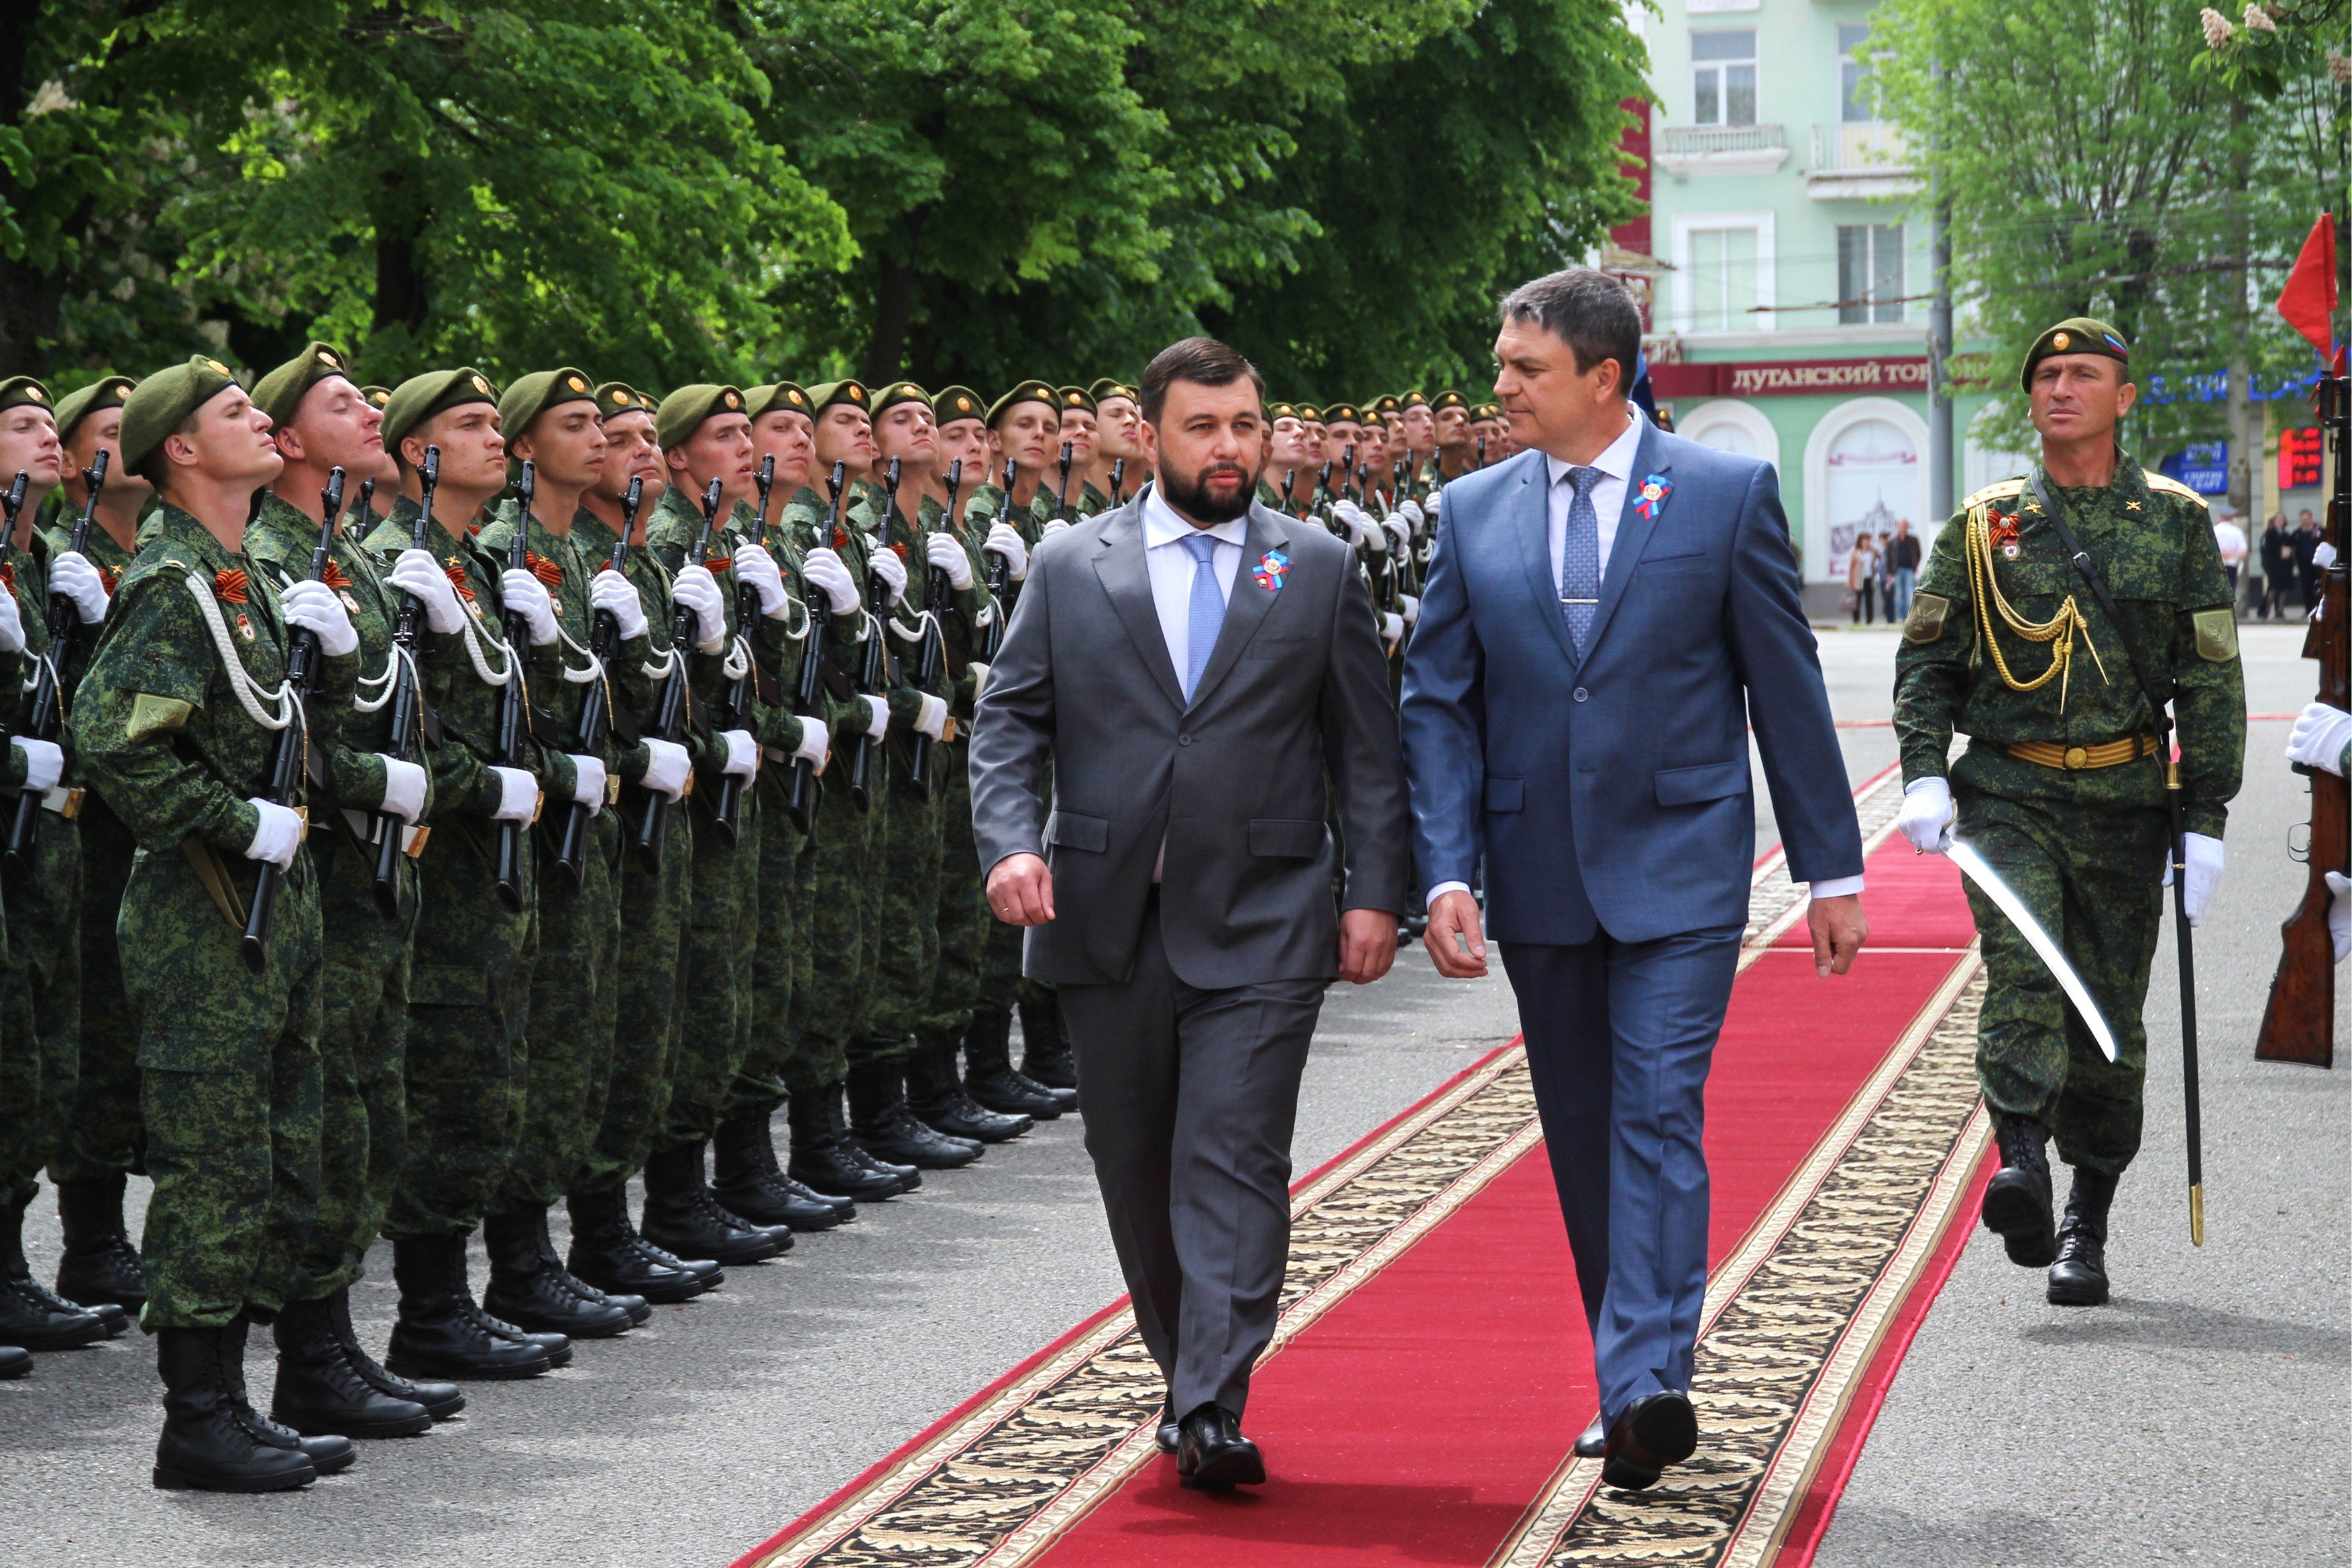 Hlavy Doněcké a Luhanské lidové republiky Denis Pušilin a Leonid Pasechnik